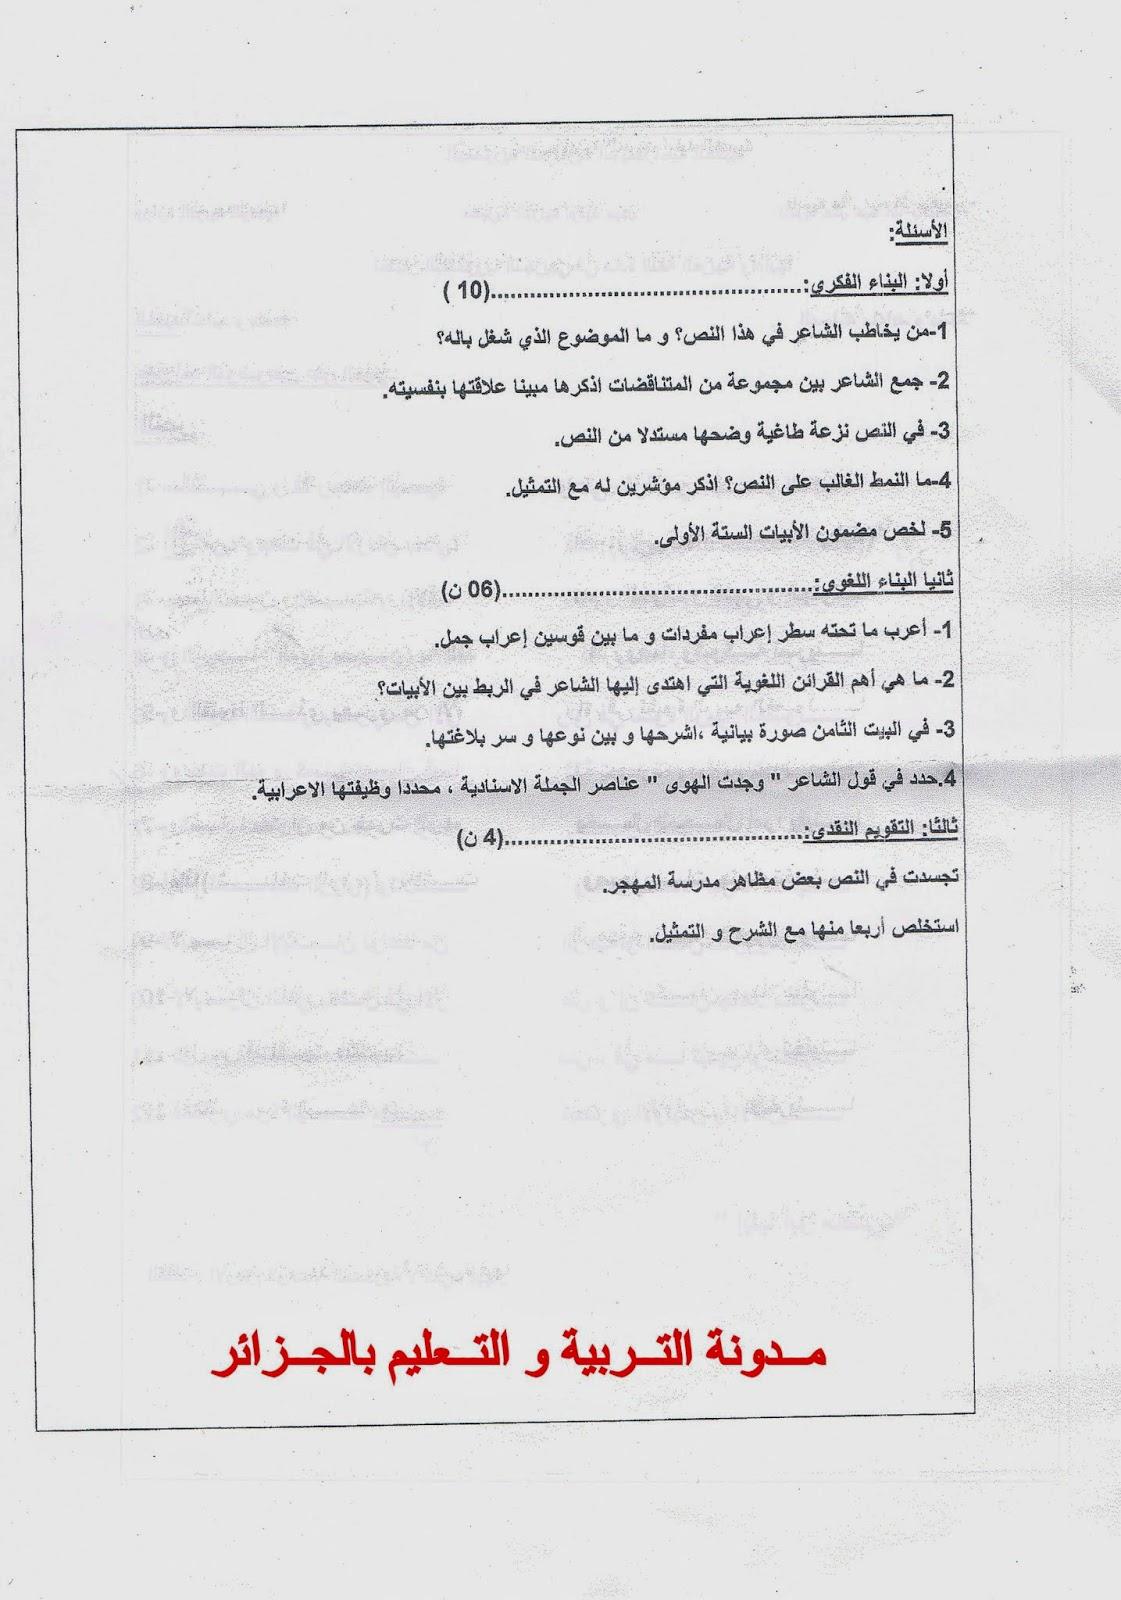 اختبار البكالوريا التجريبي في مادة اللغة العربية وآدابها 111